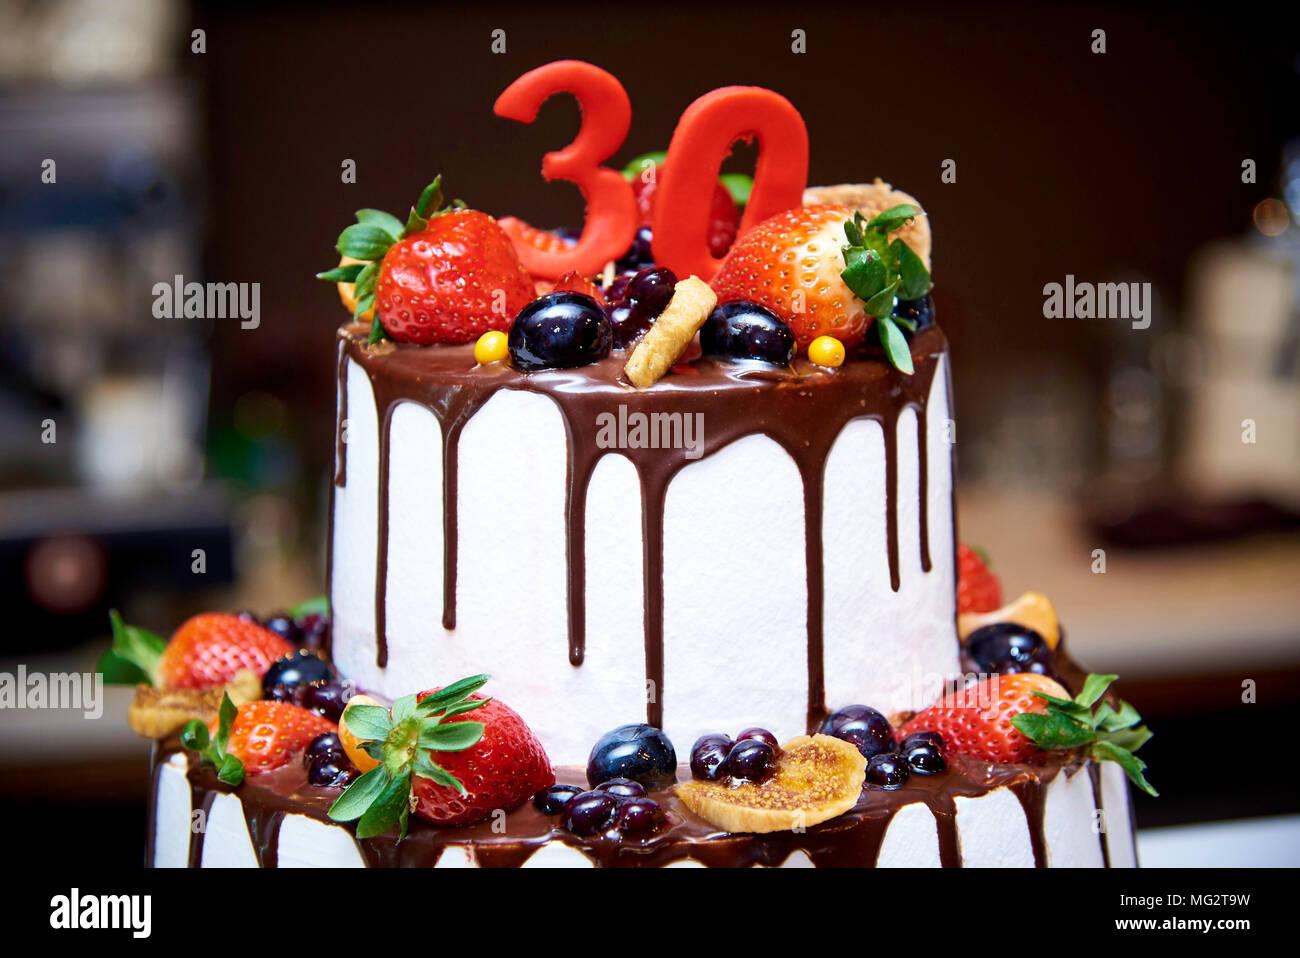 Pastel blanco de dos niveles con frutas y chocolate decorada con una figura de treinta close-ups. Foto de stock